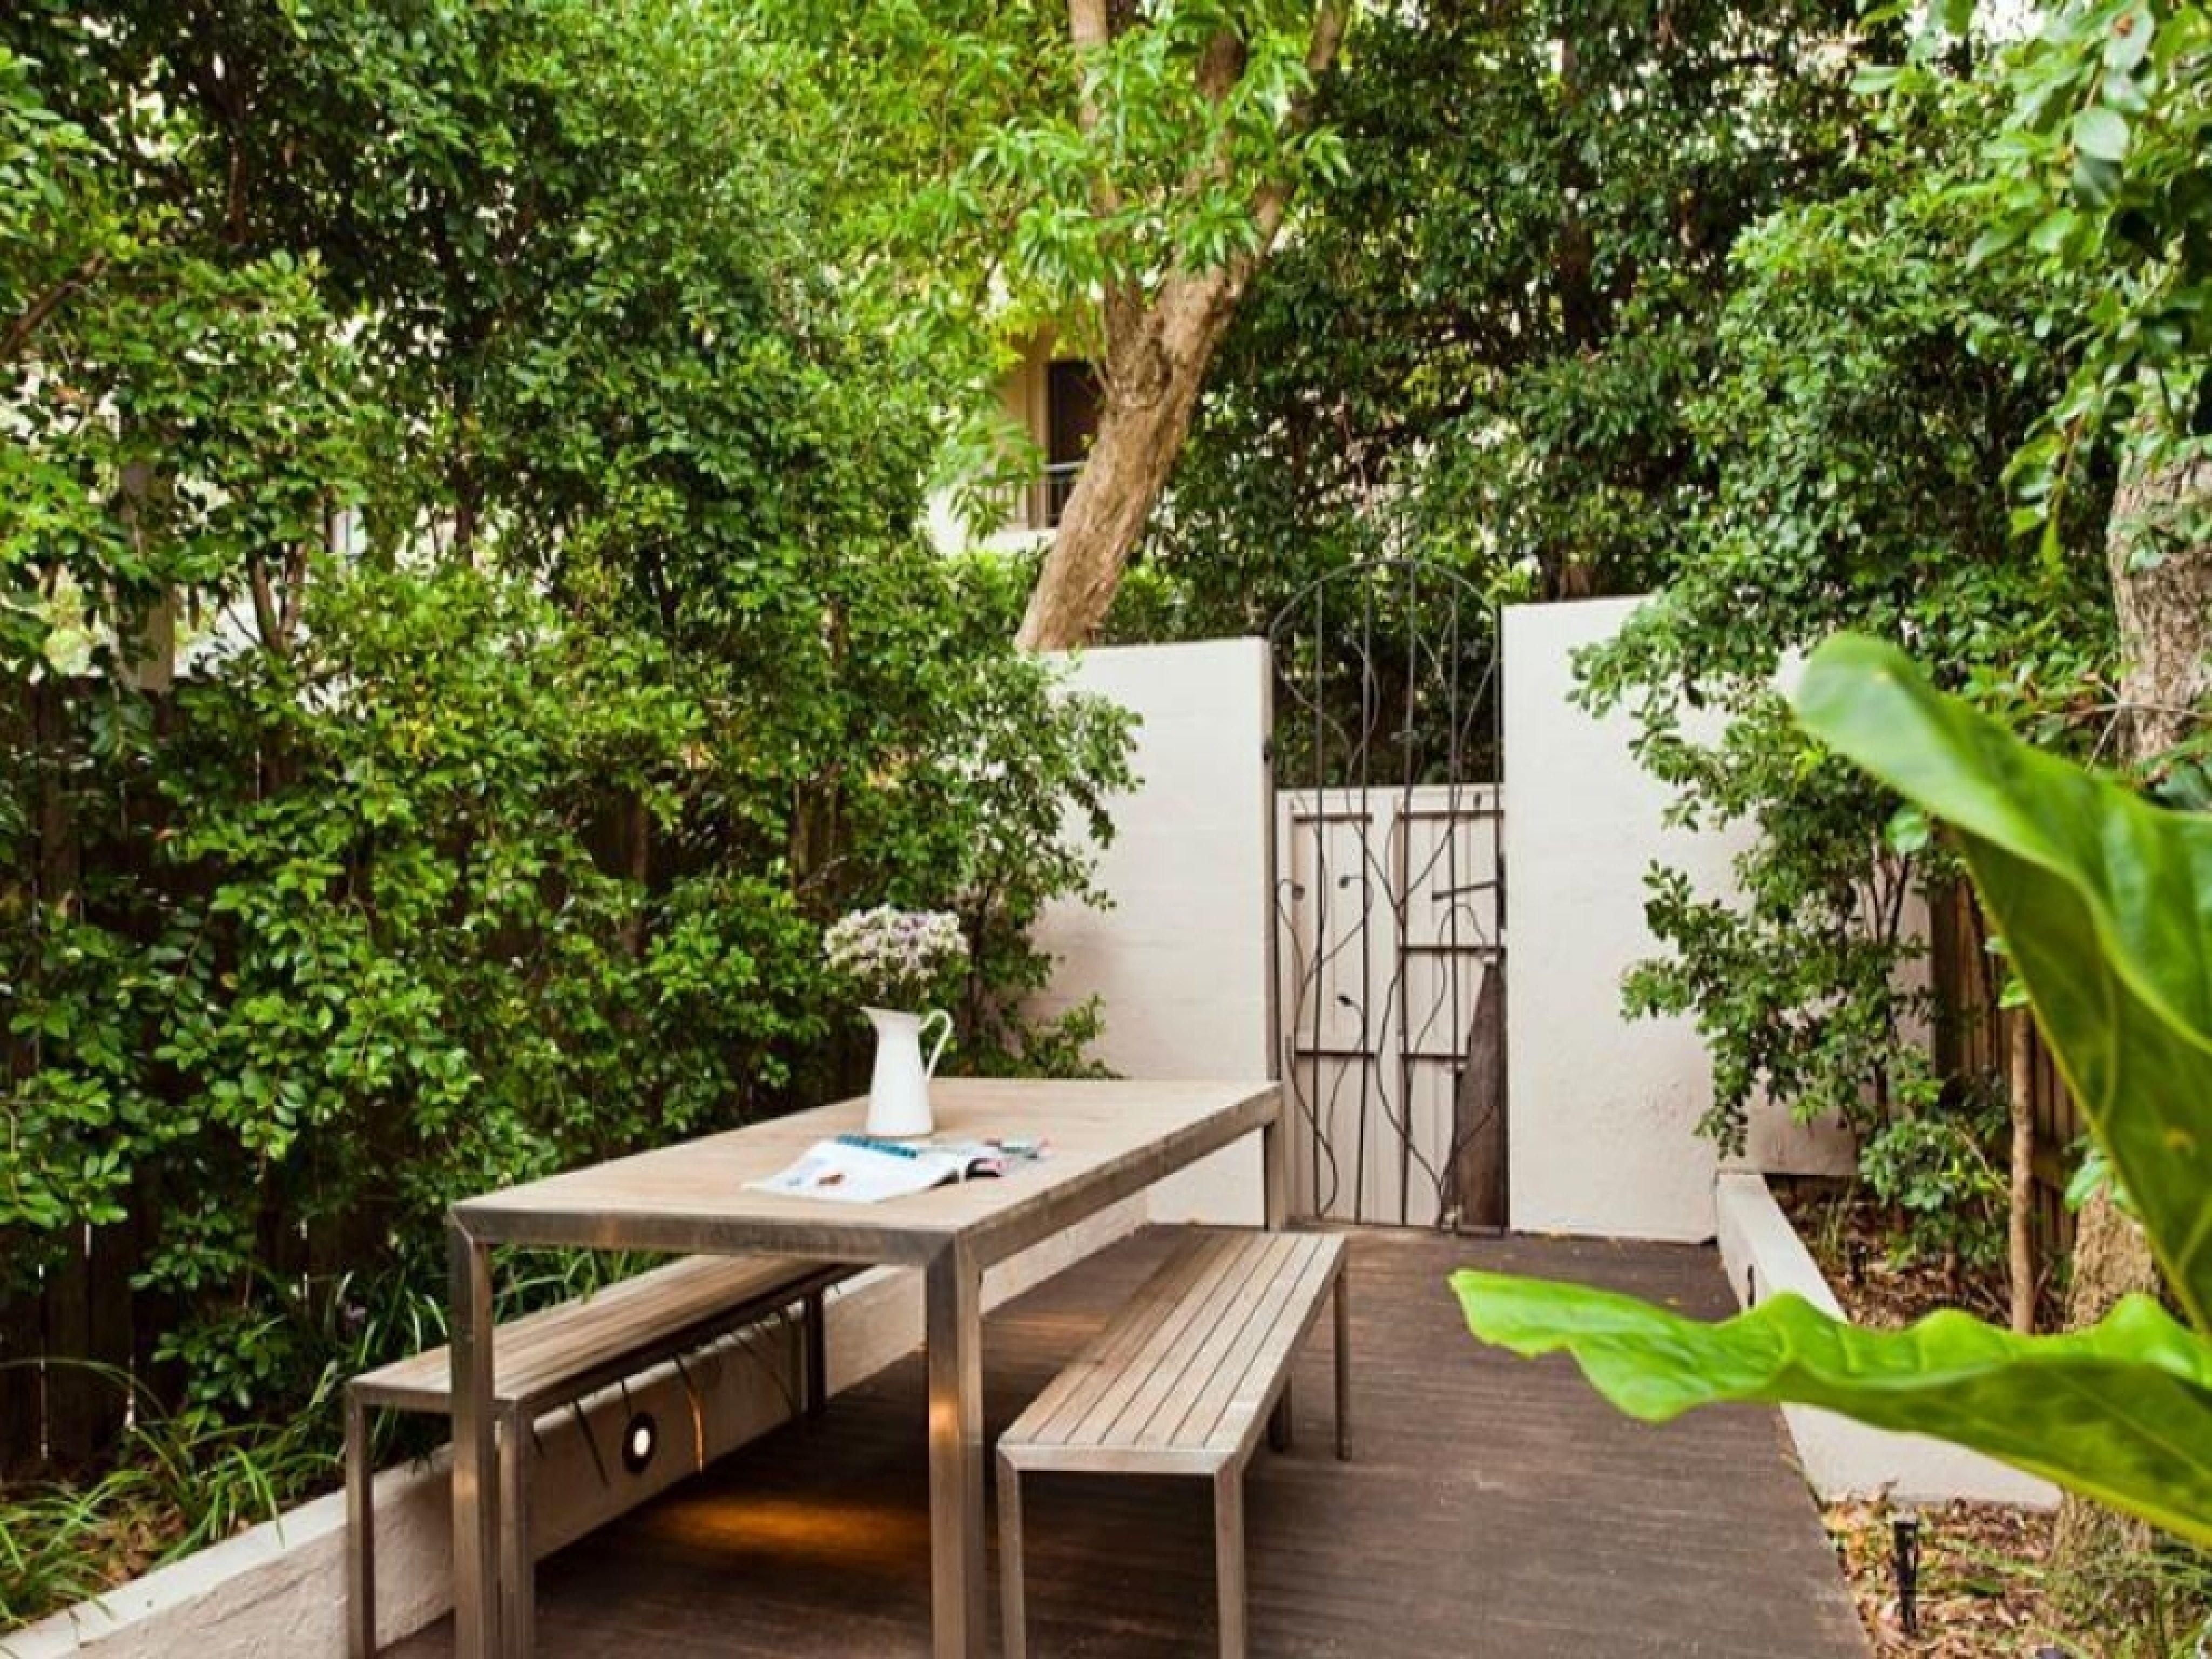 Tropical Backyard Design Ideas - best interior paint brands Check ...